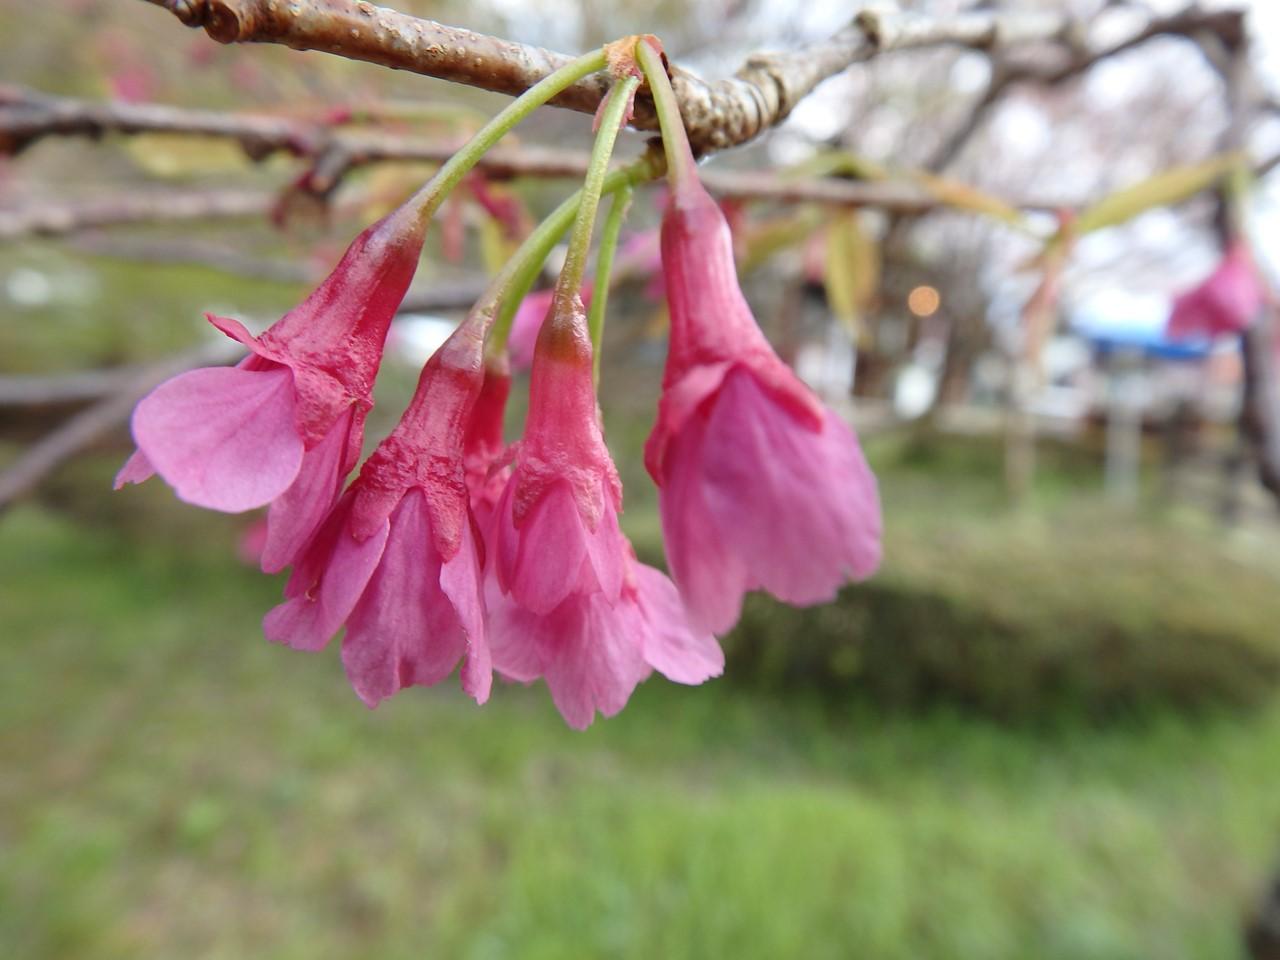 『寺尾ヶ原千本桜公園を歩いて』_d0054276_2124826.jpg